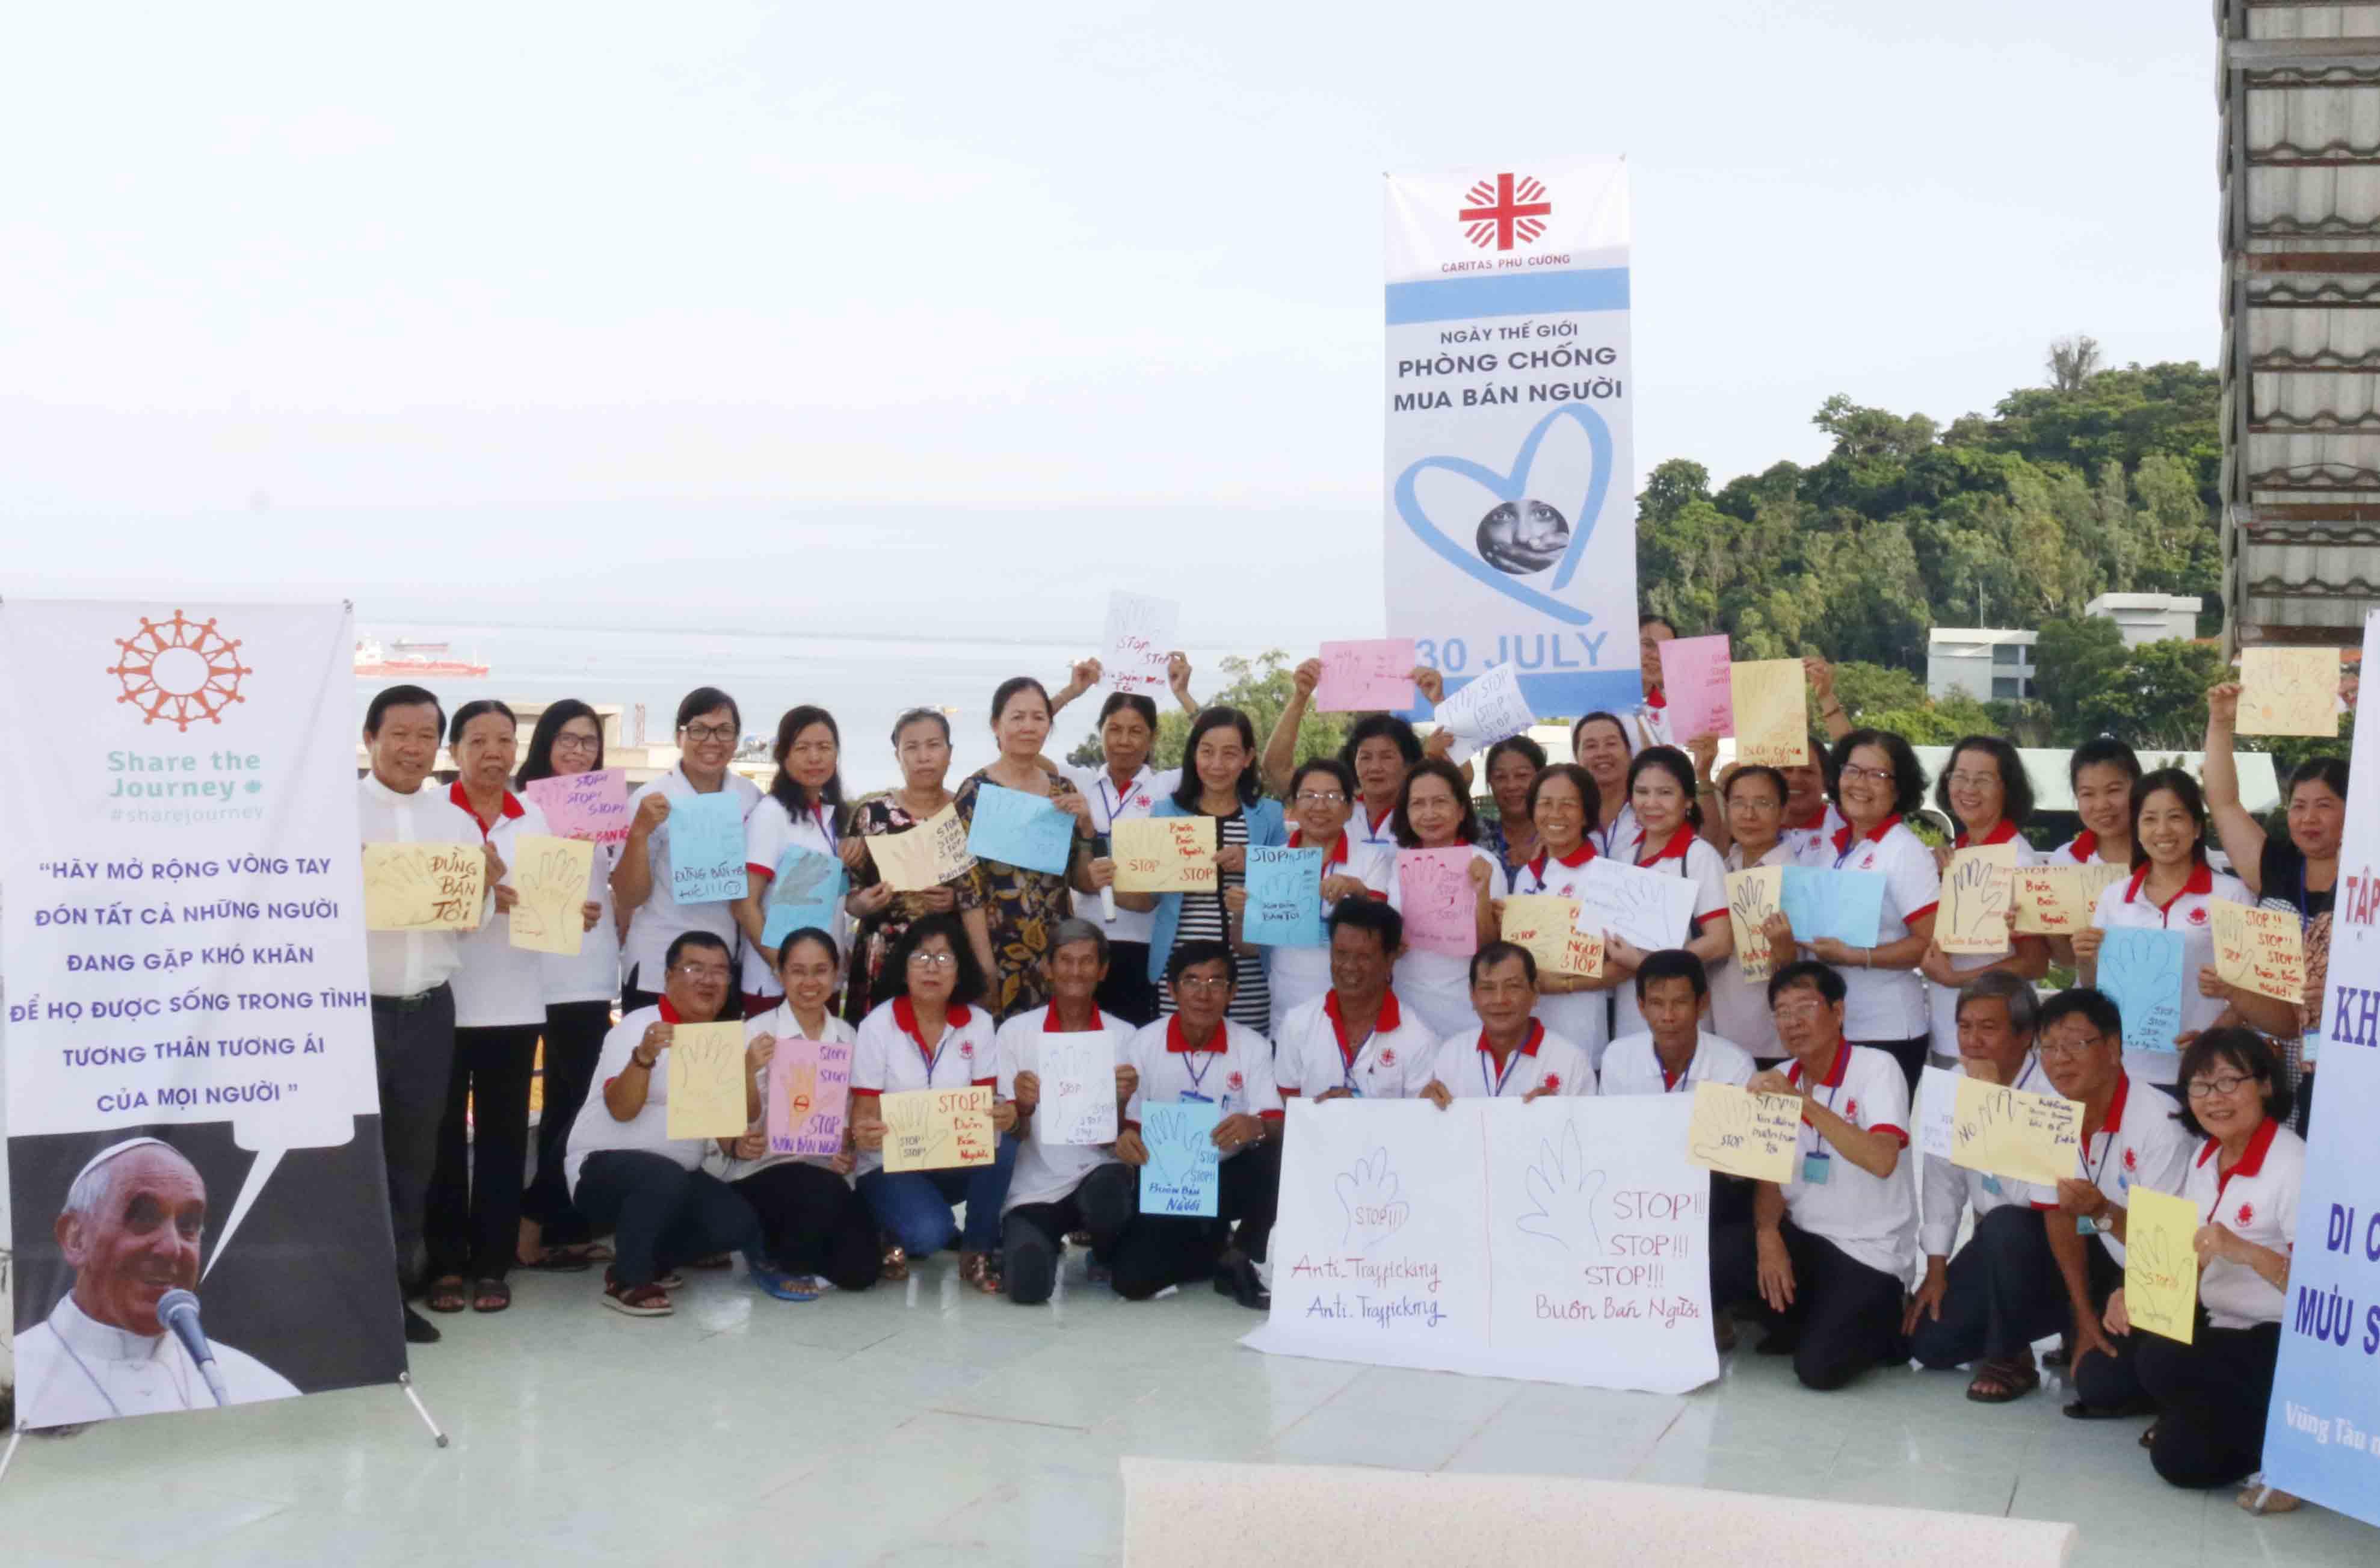 Caritas Việt Nam: Hưởng Ứng Ngày Thế Giới Phòng Chống Mua Bán Người 30/7